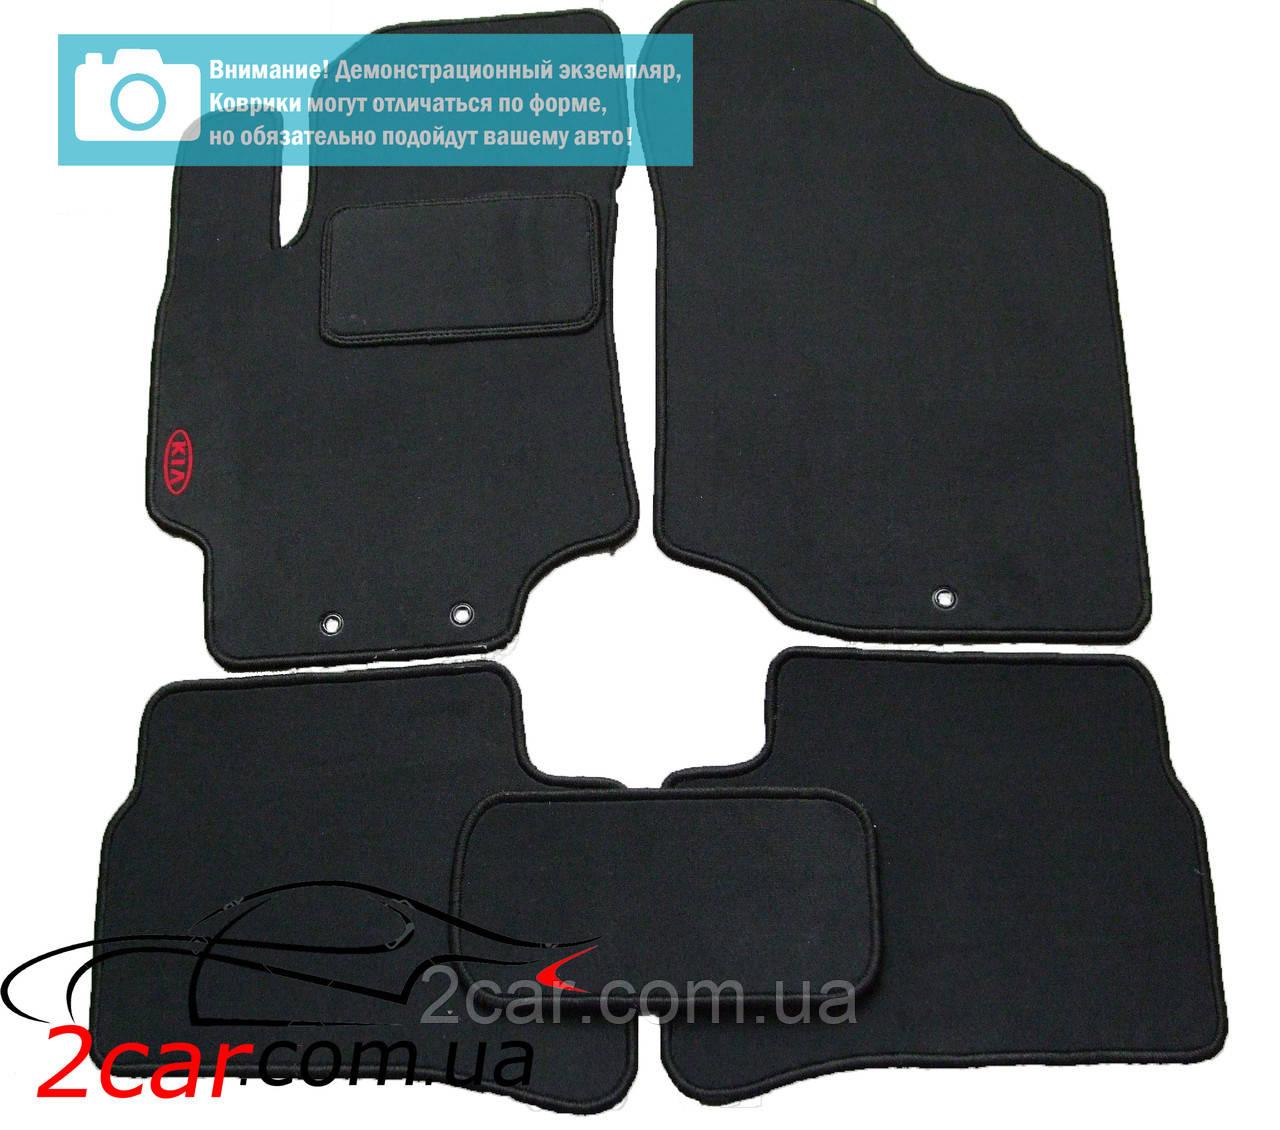 Текстильные коврики в салон для Ford Mondeo 3 (2000-2007) (чёрный) (St